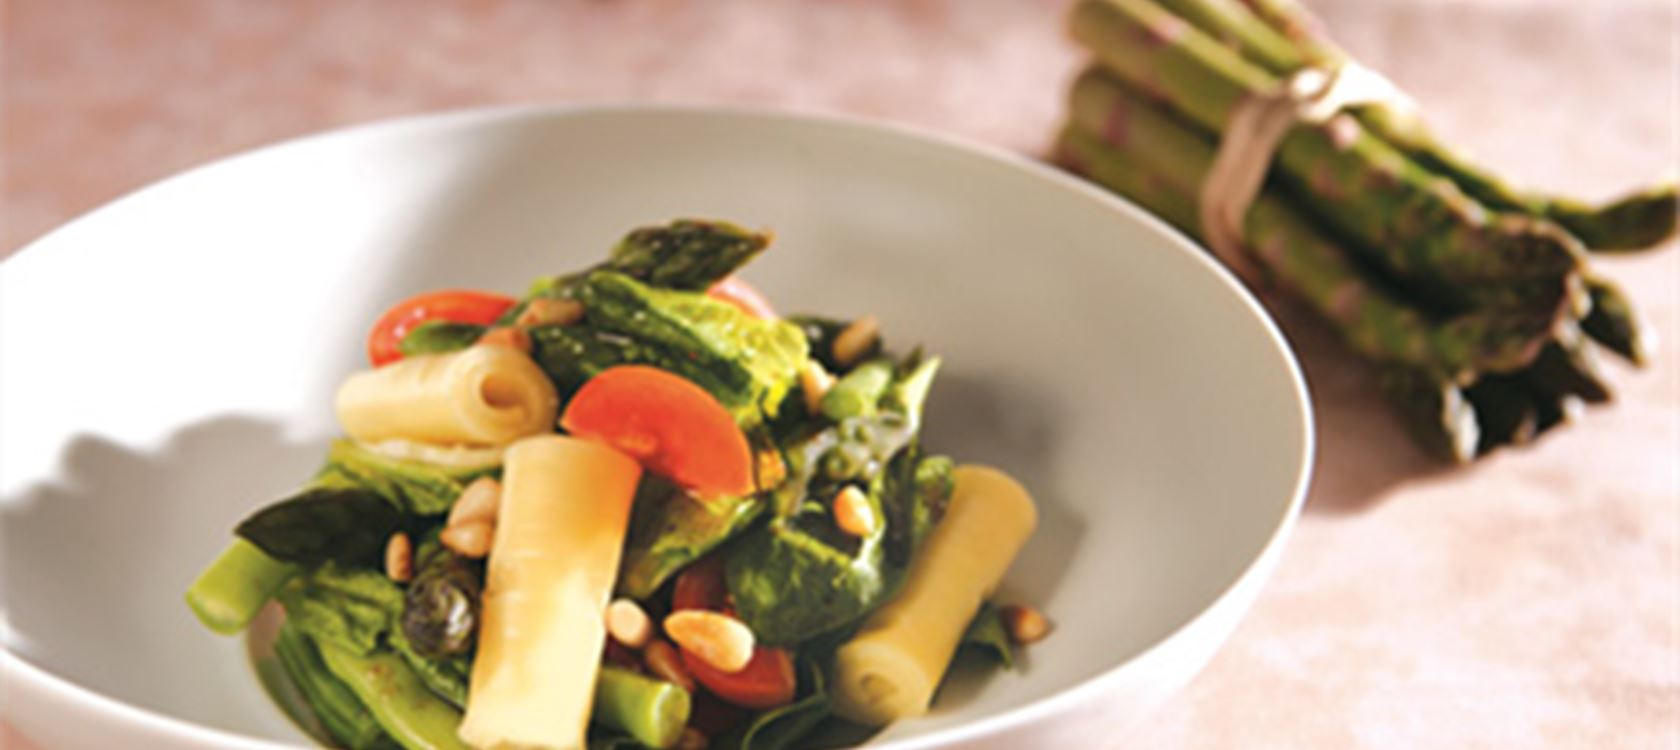 Σαλάτα με σπαράγγια, τοματίνια και φασολάκια